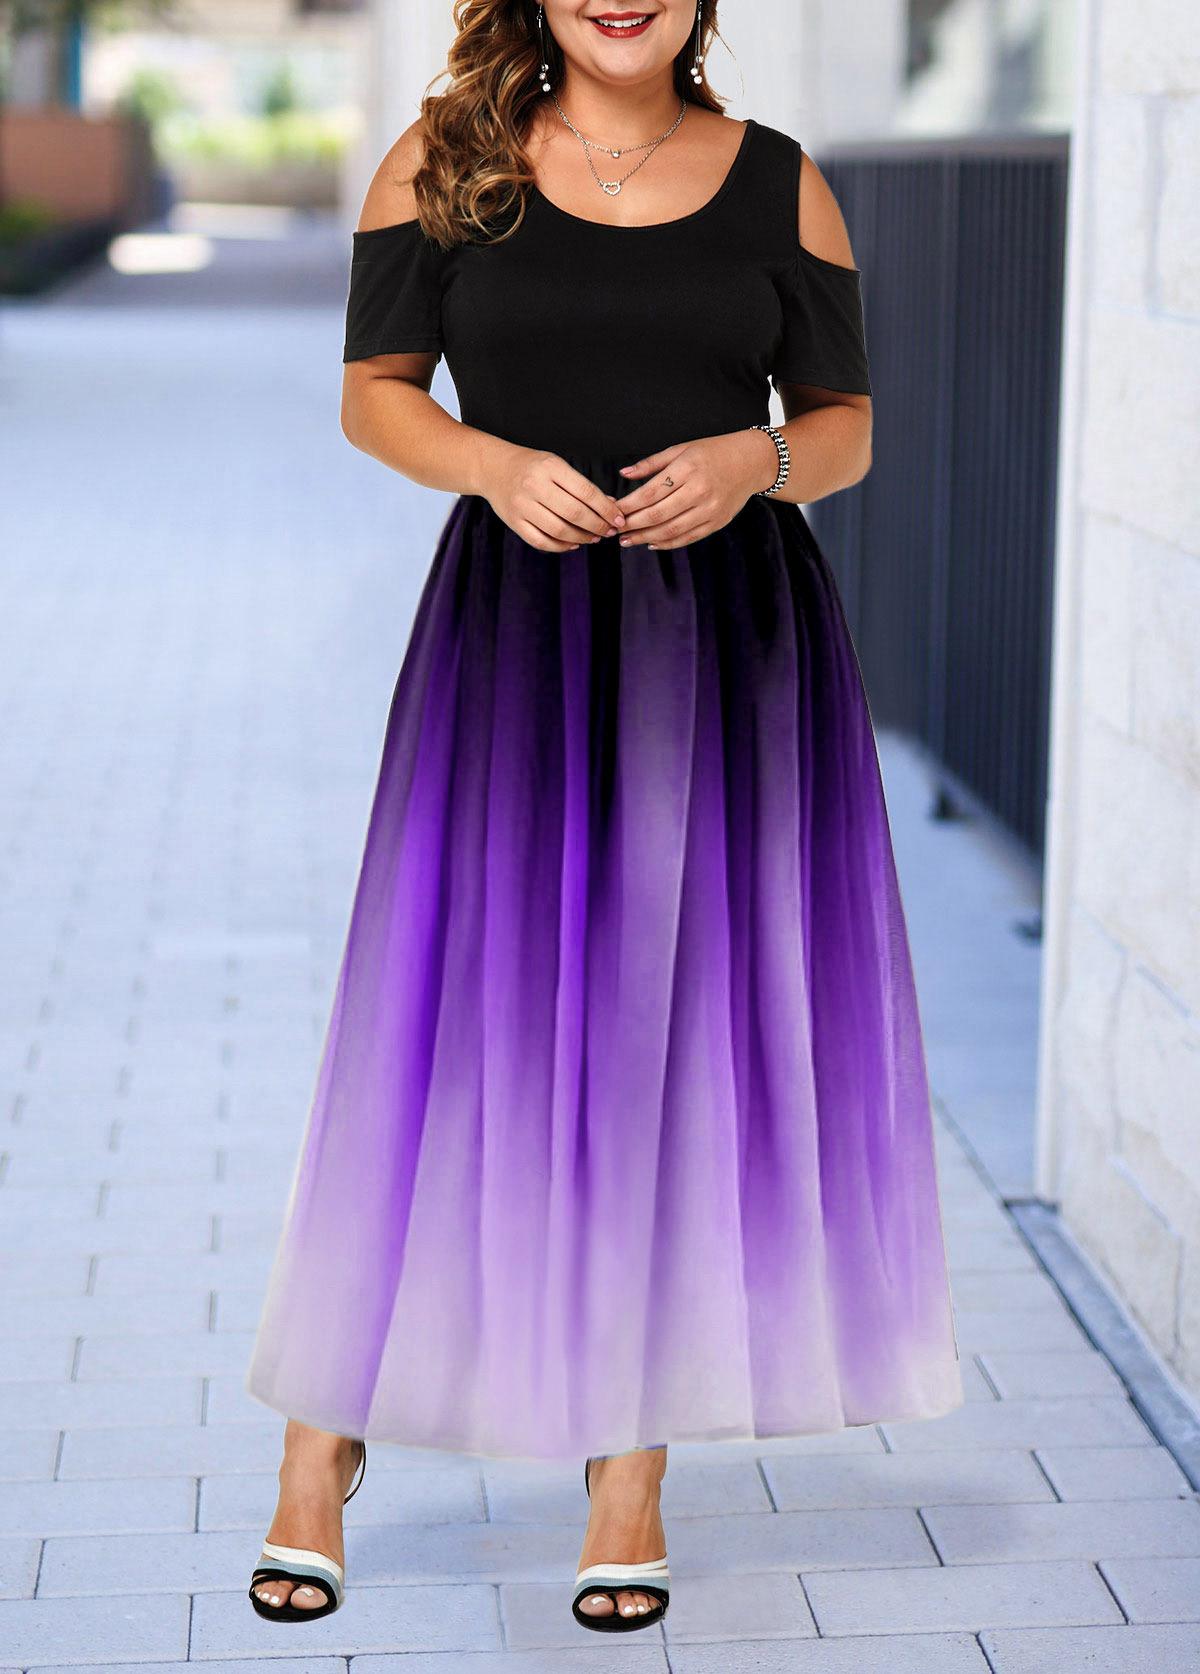 Cold Shoulder Plus Size Gradient Dress | modlily.com - USD $35.99